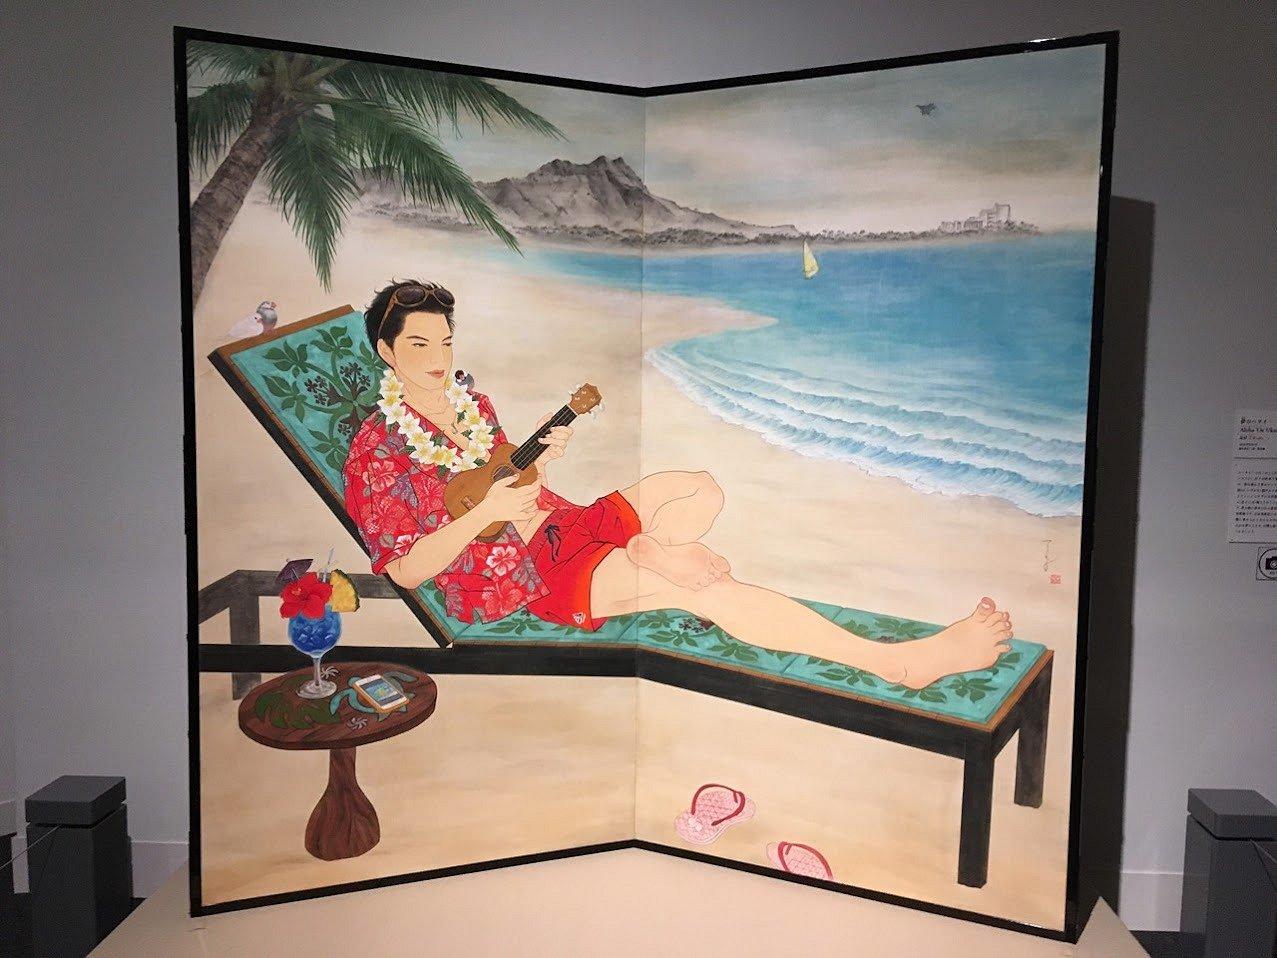 《夢のハワイーAloha 'Oe Ukulele》